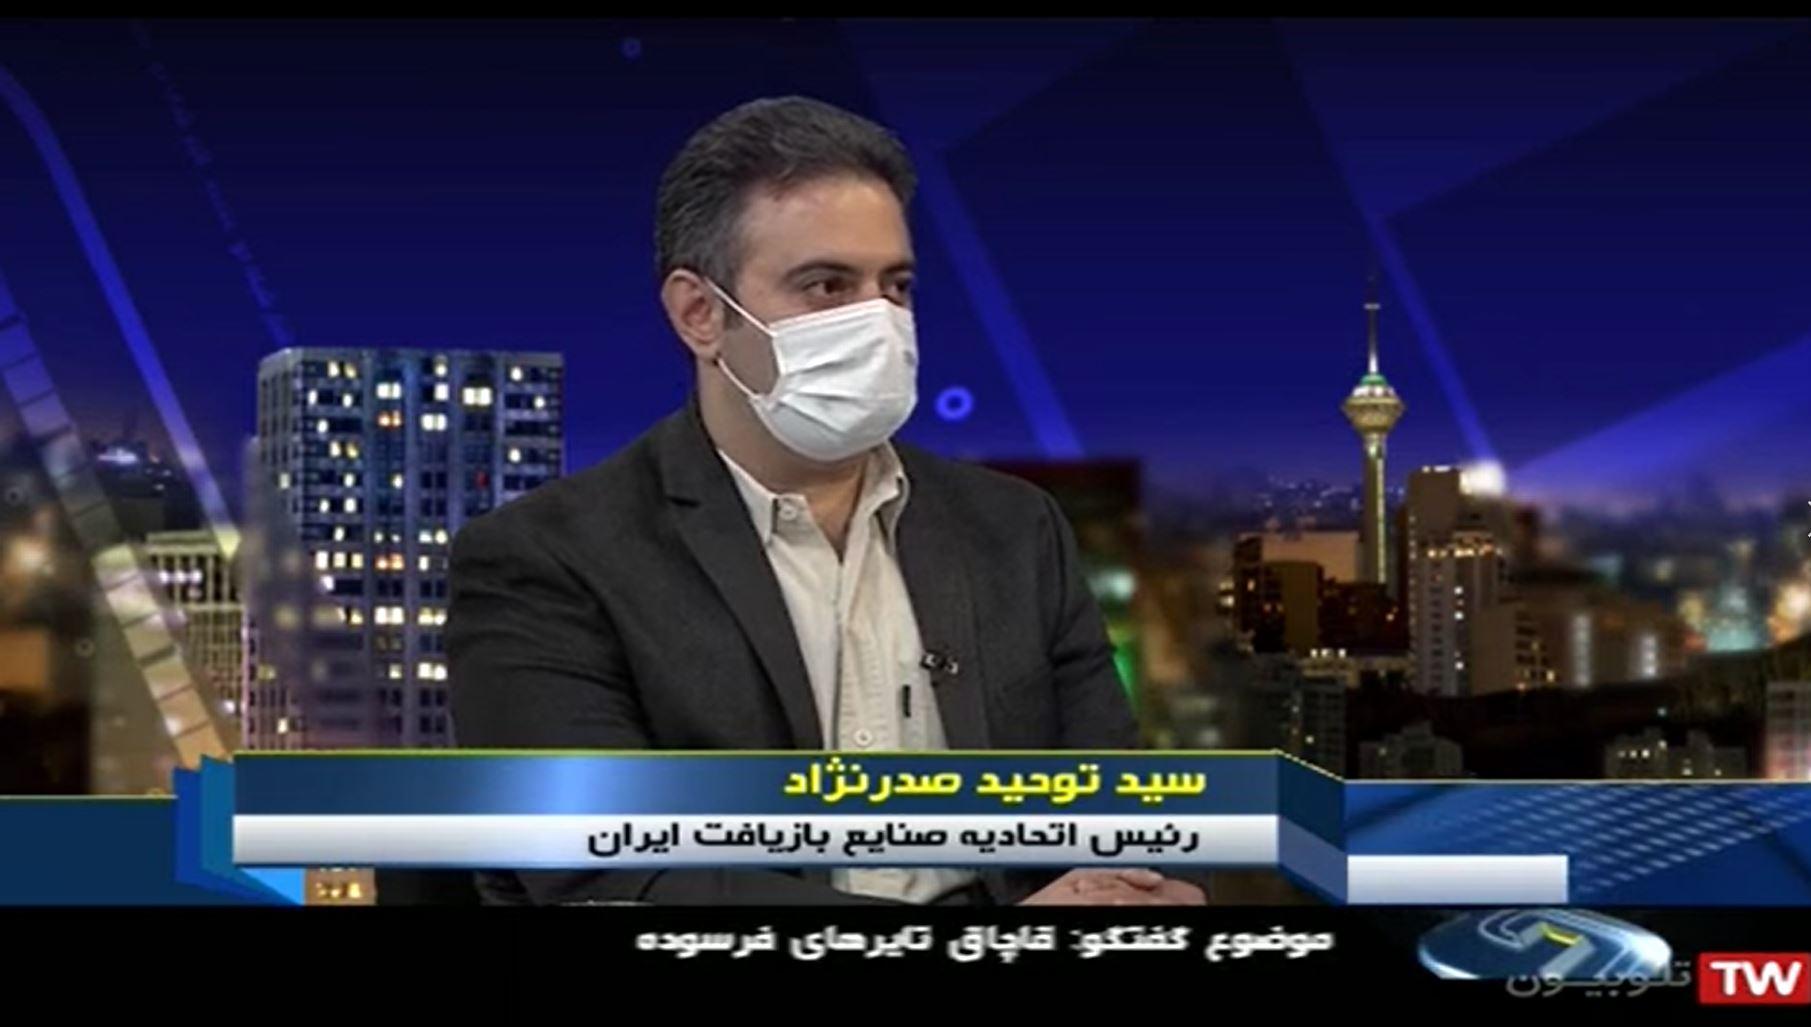 رییس اتحادیه در برنامه گفتگوی ویژه خبری شبکه۲ با موضوع قاچاق لاستیک ضایعاتی